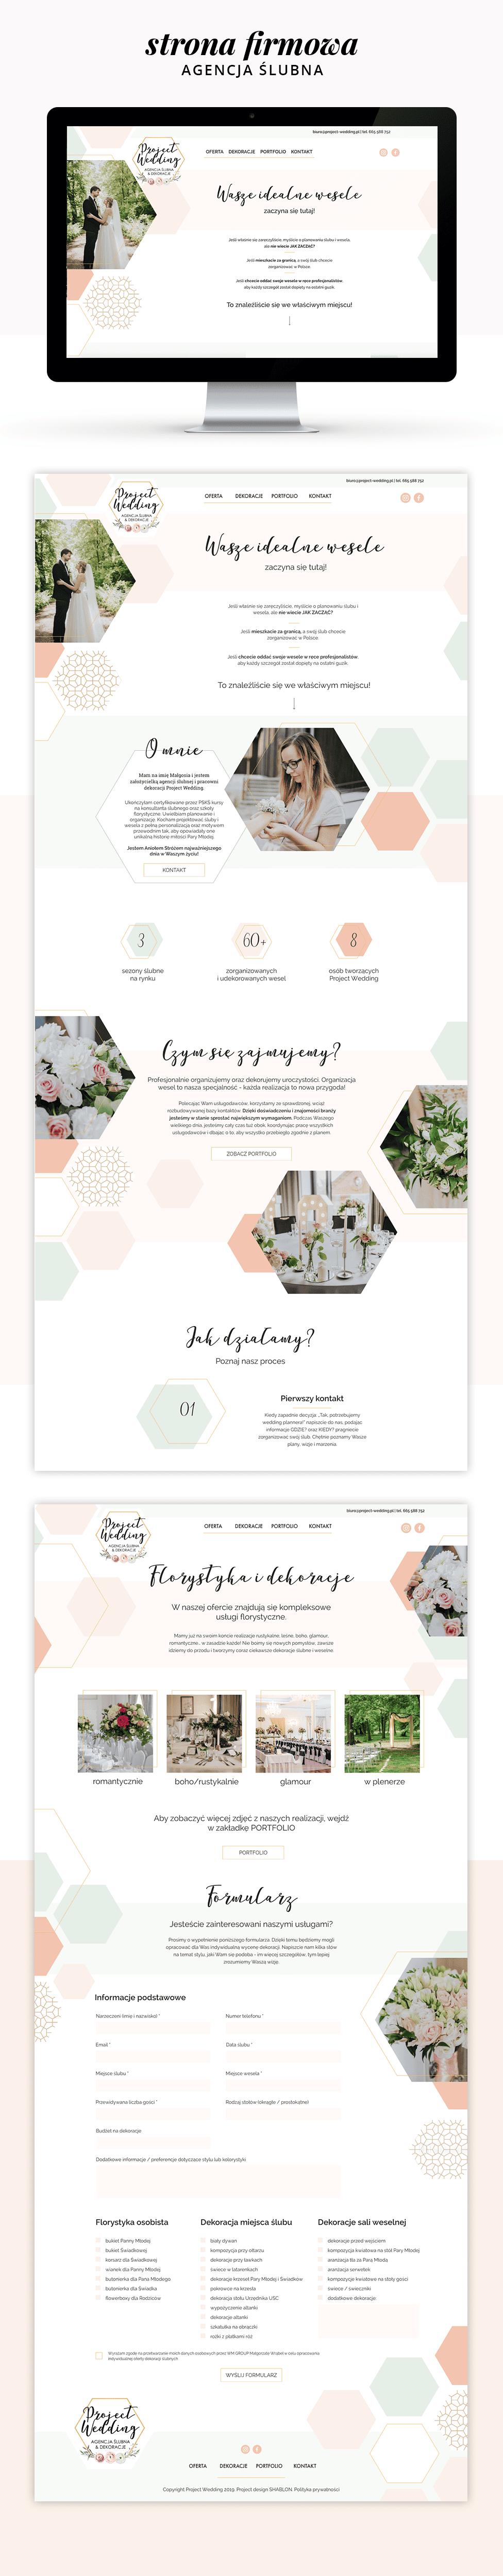 Project wedding - strona firmowa - agencja slubna